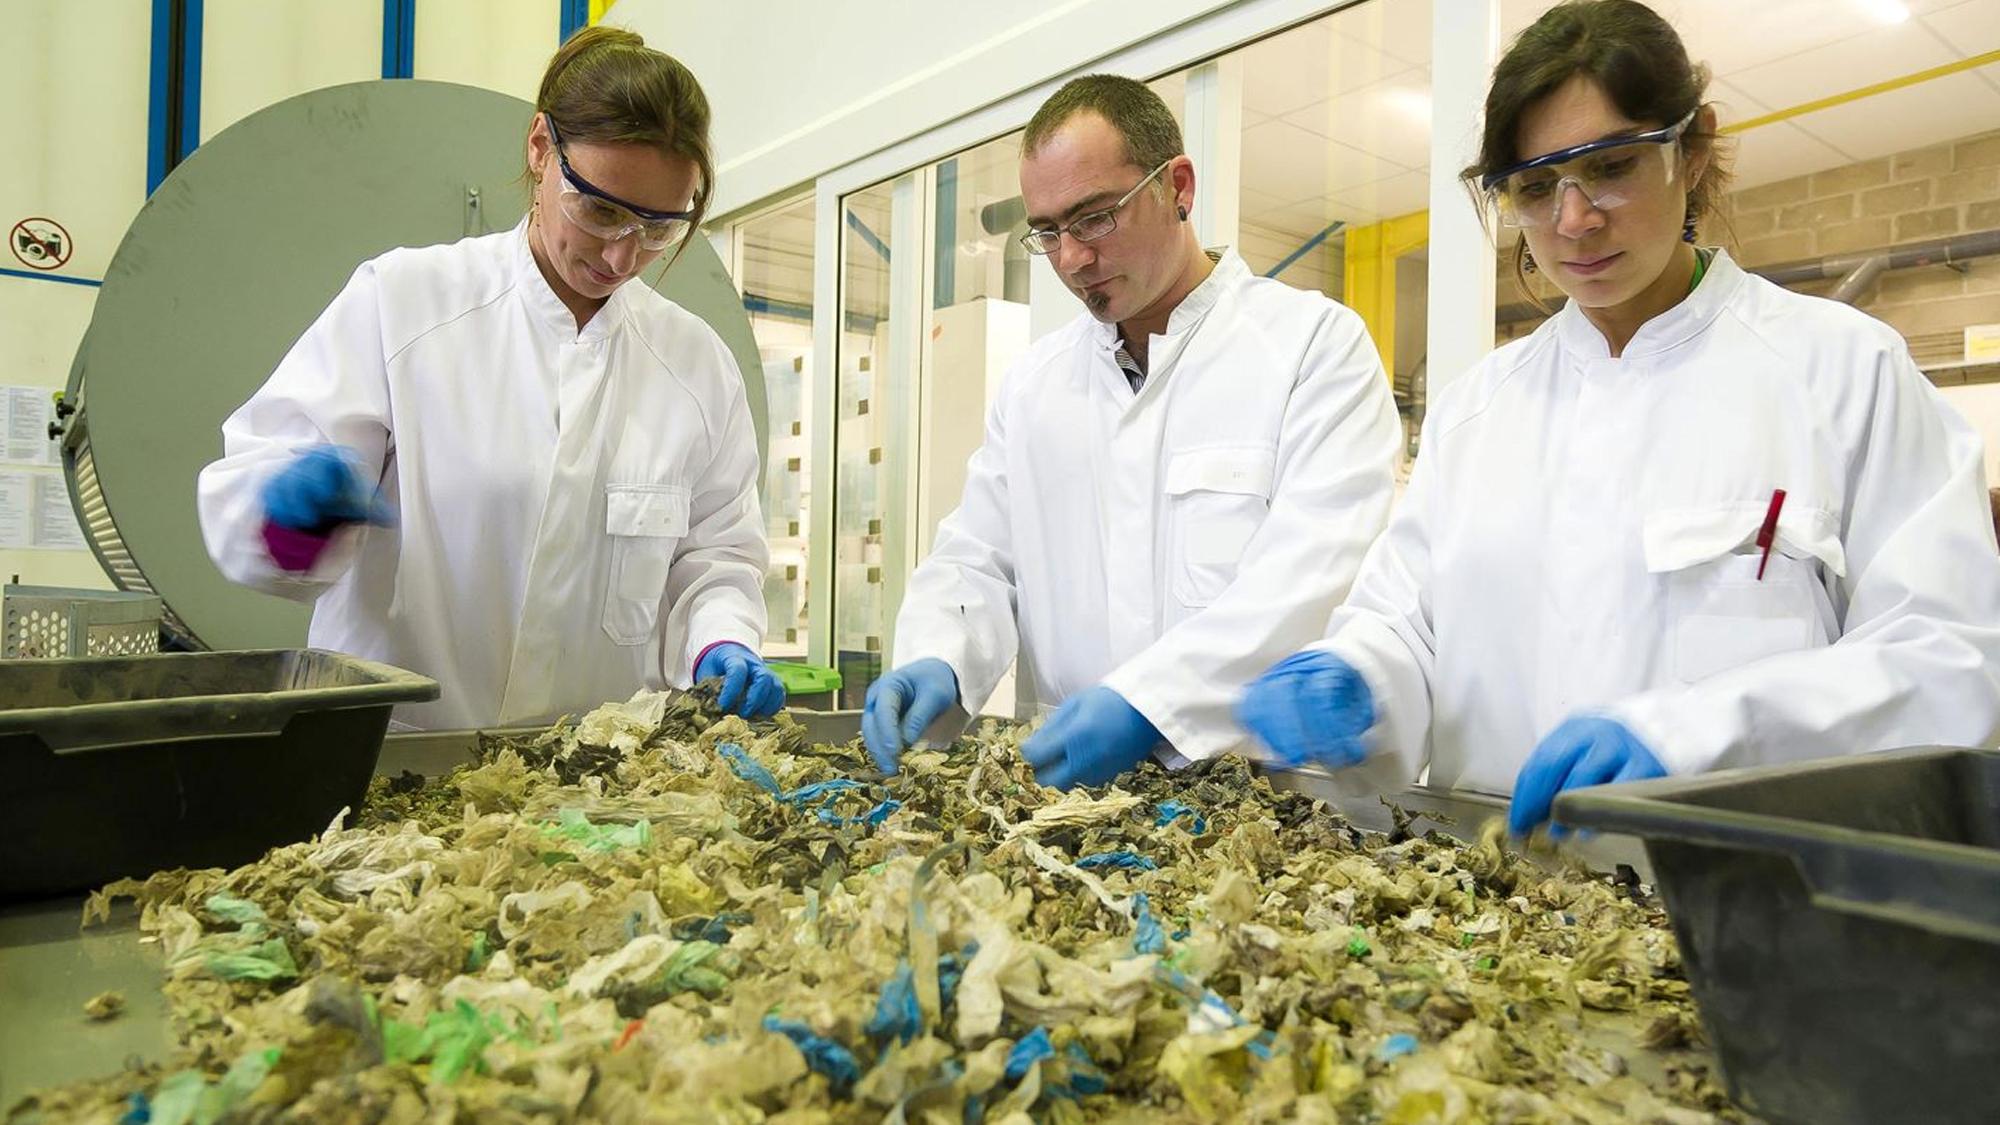 Gérer et valoriser les déchets